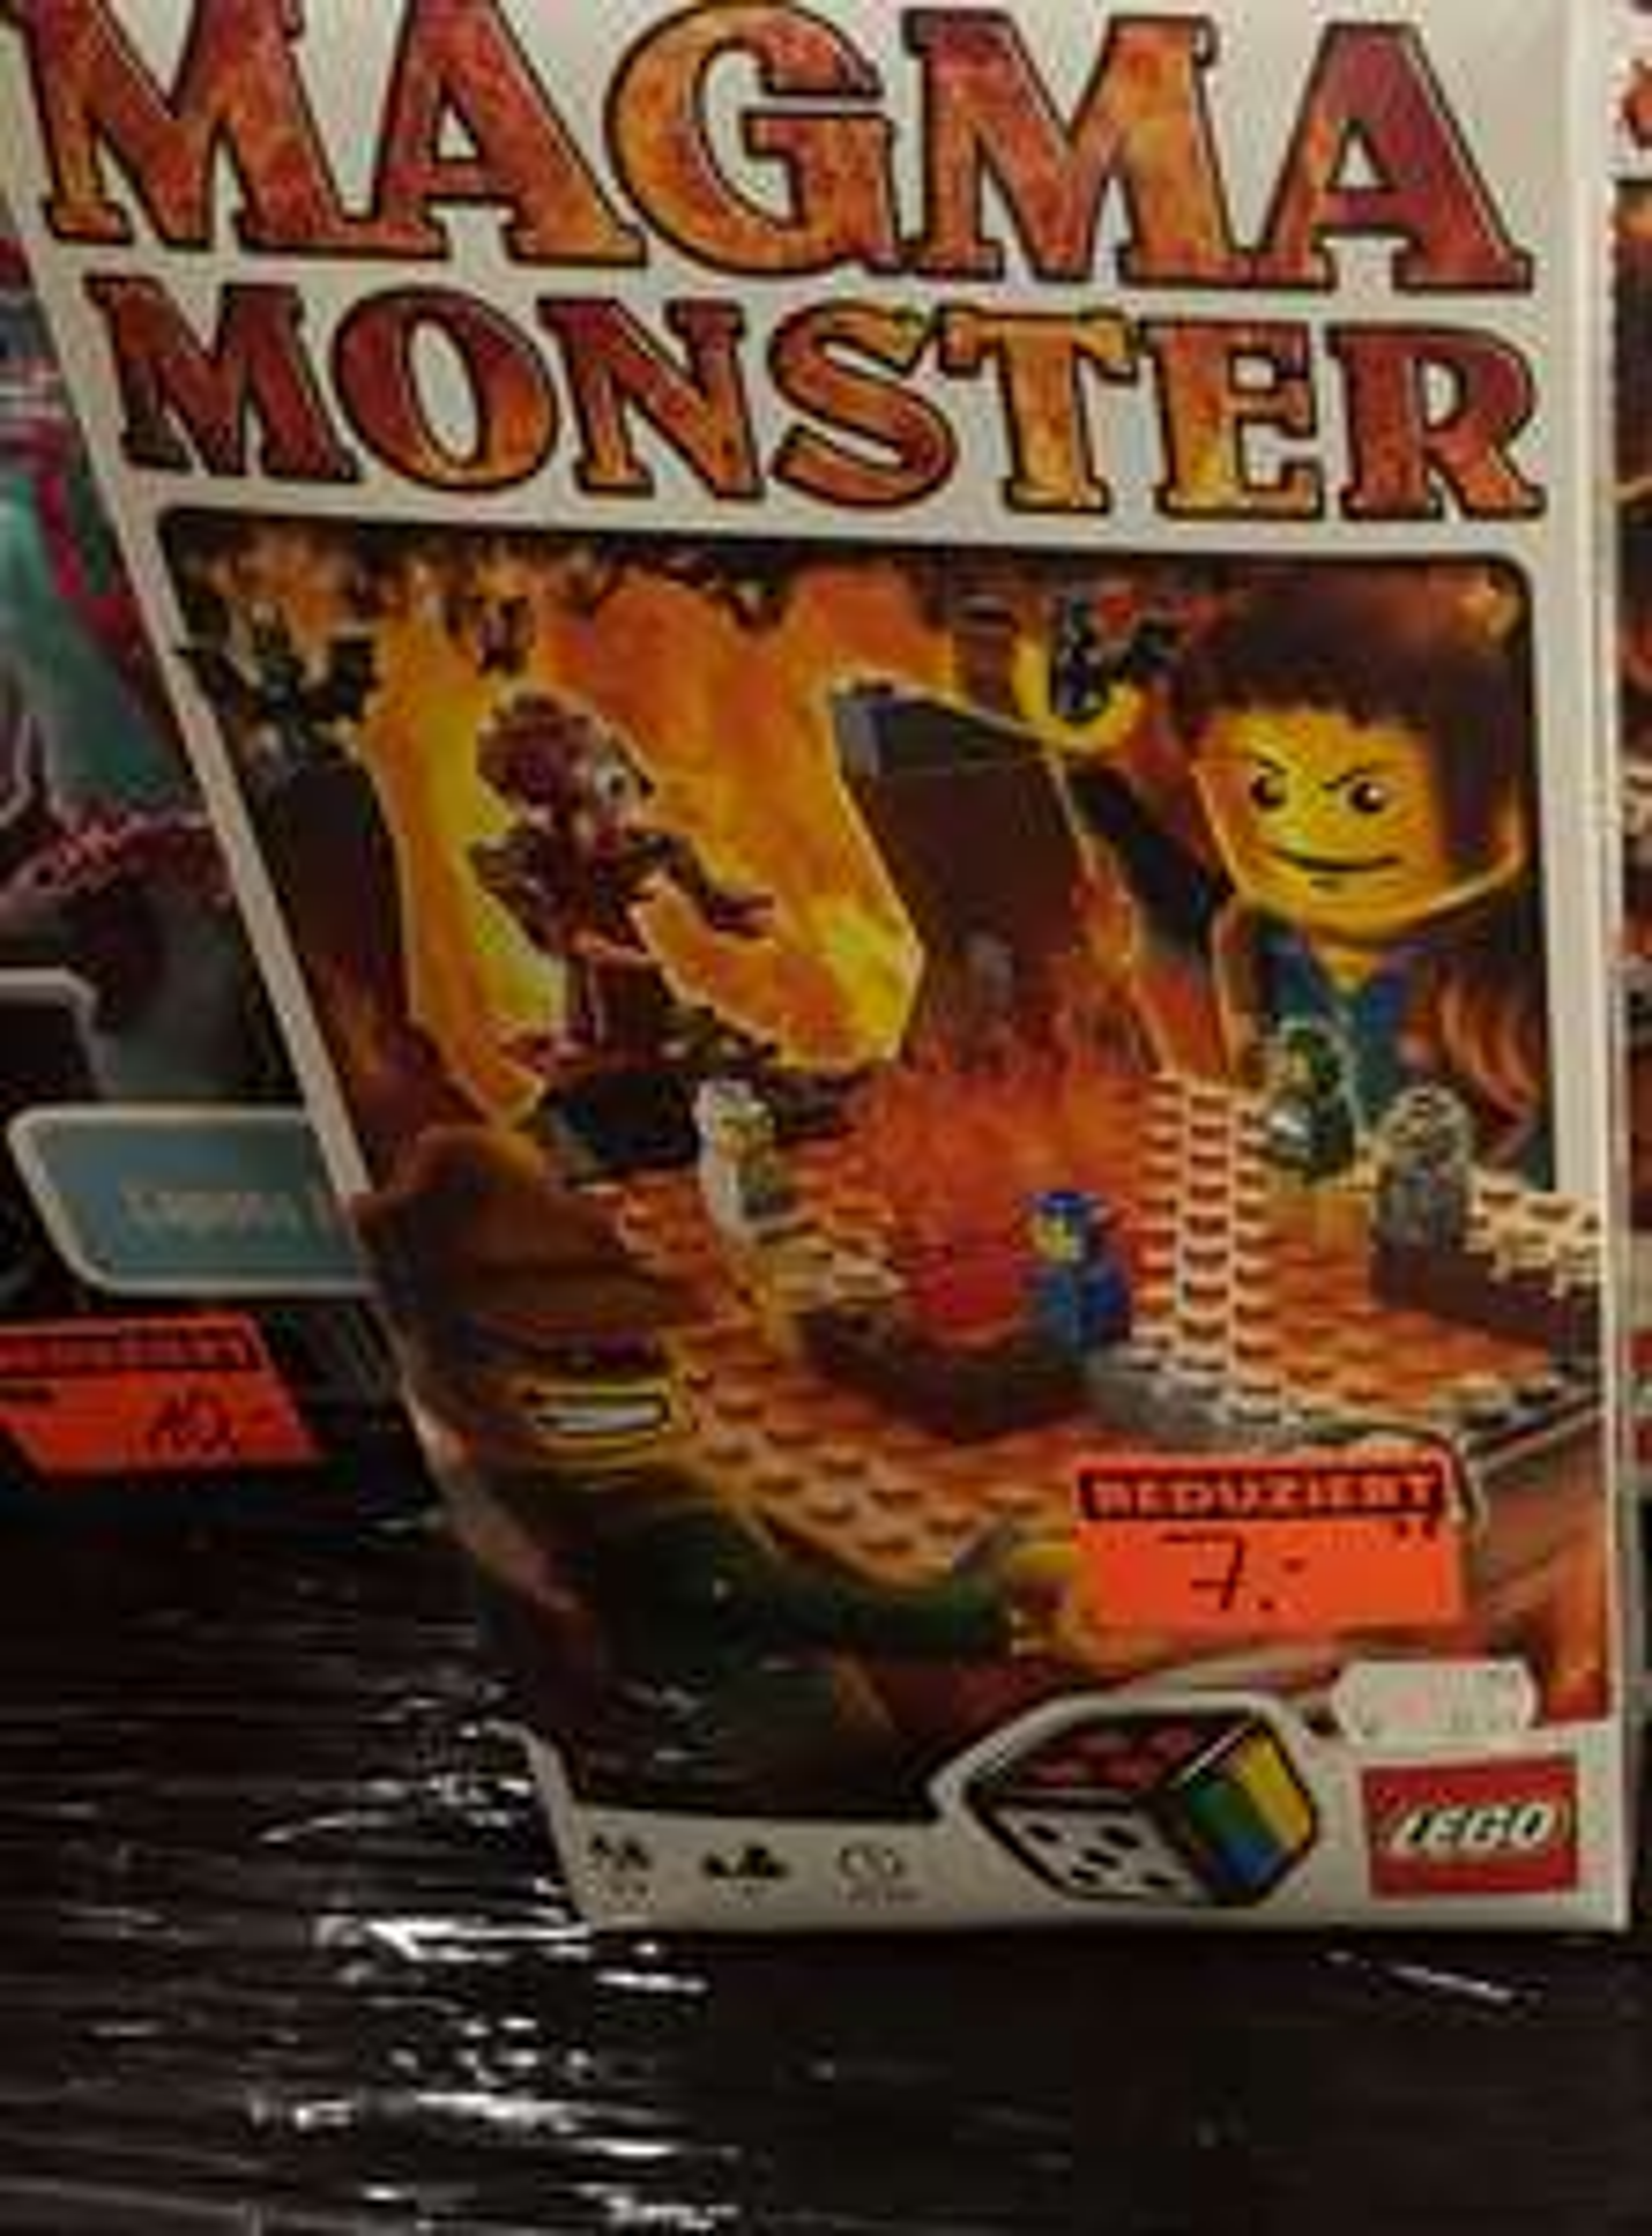 Lego Spiele Magma Monster Edeka wittingen